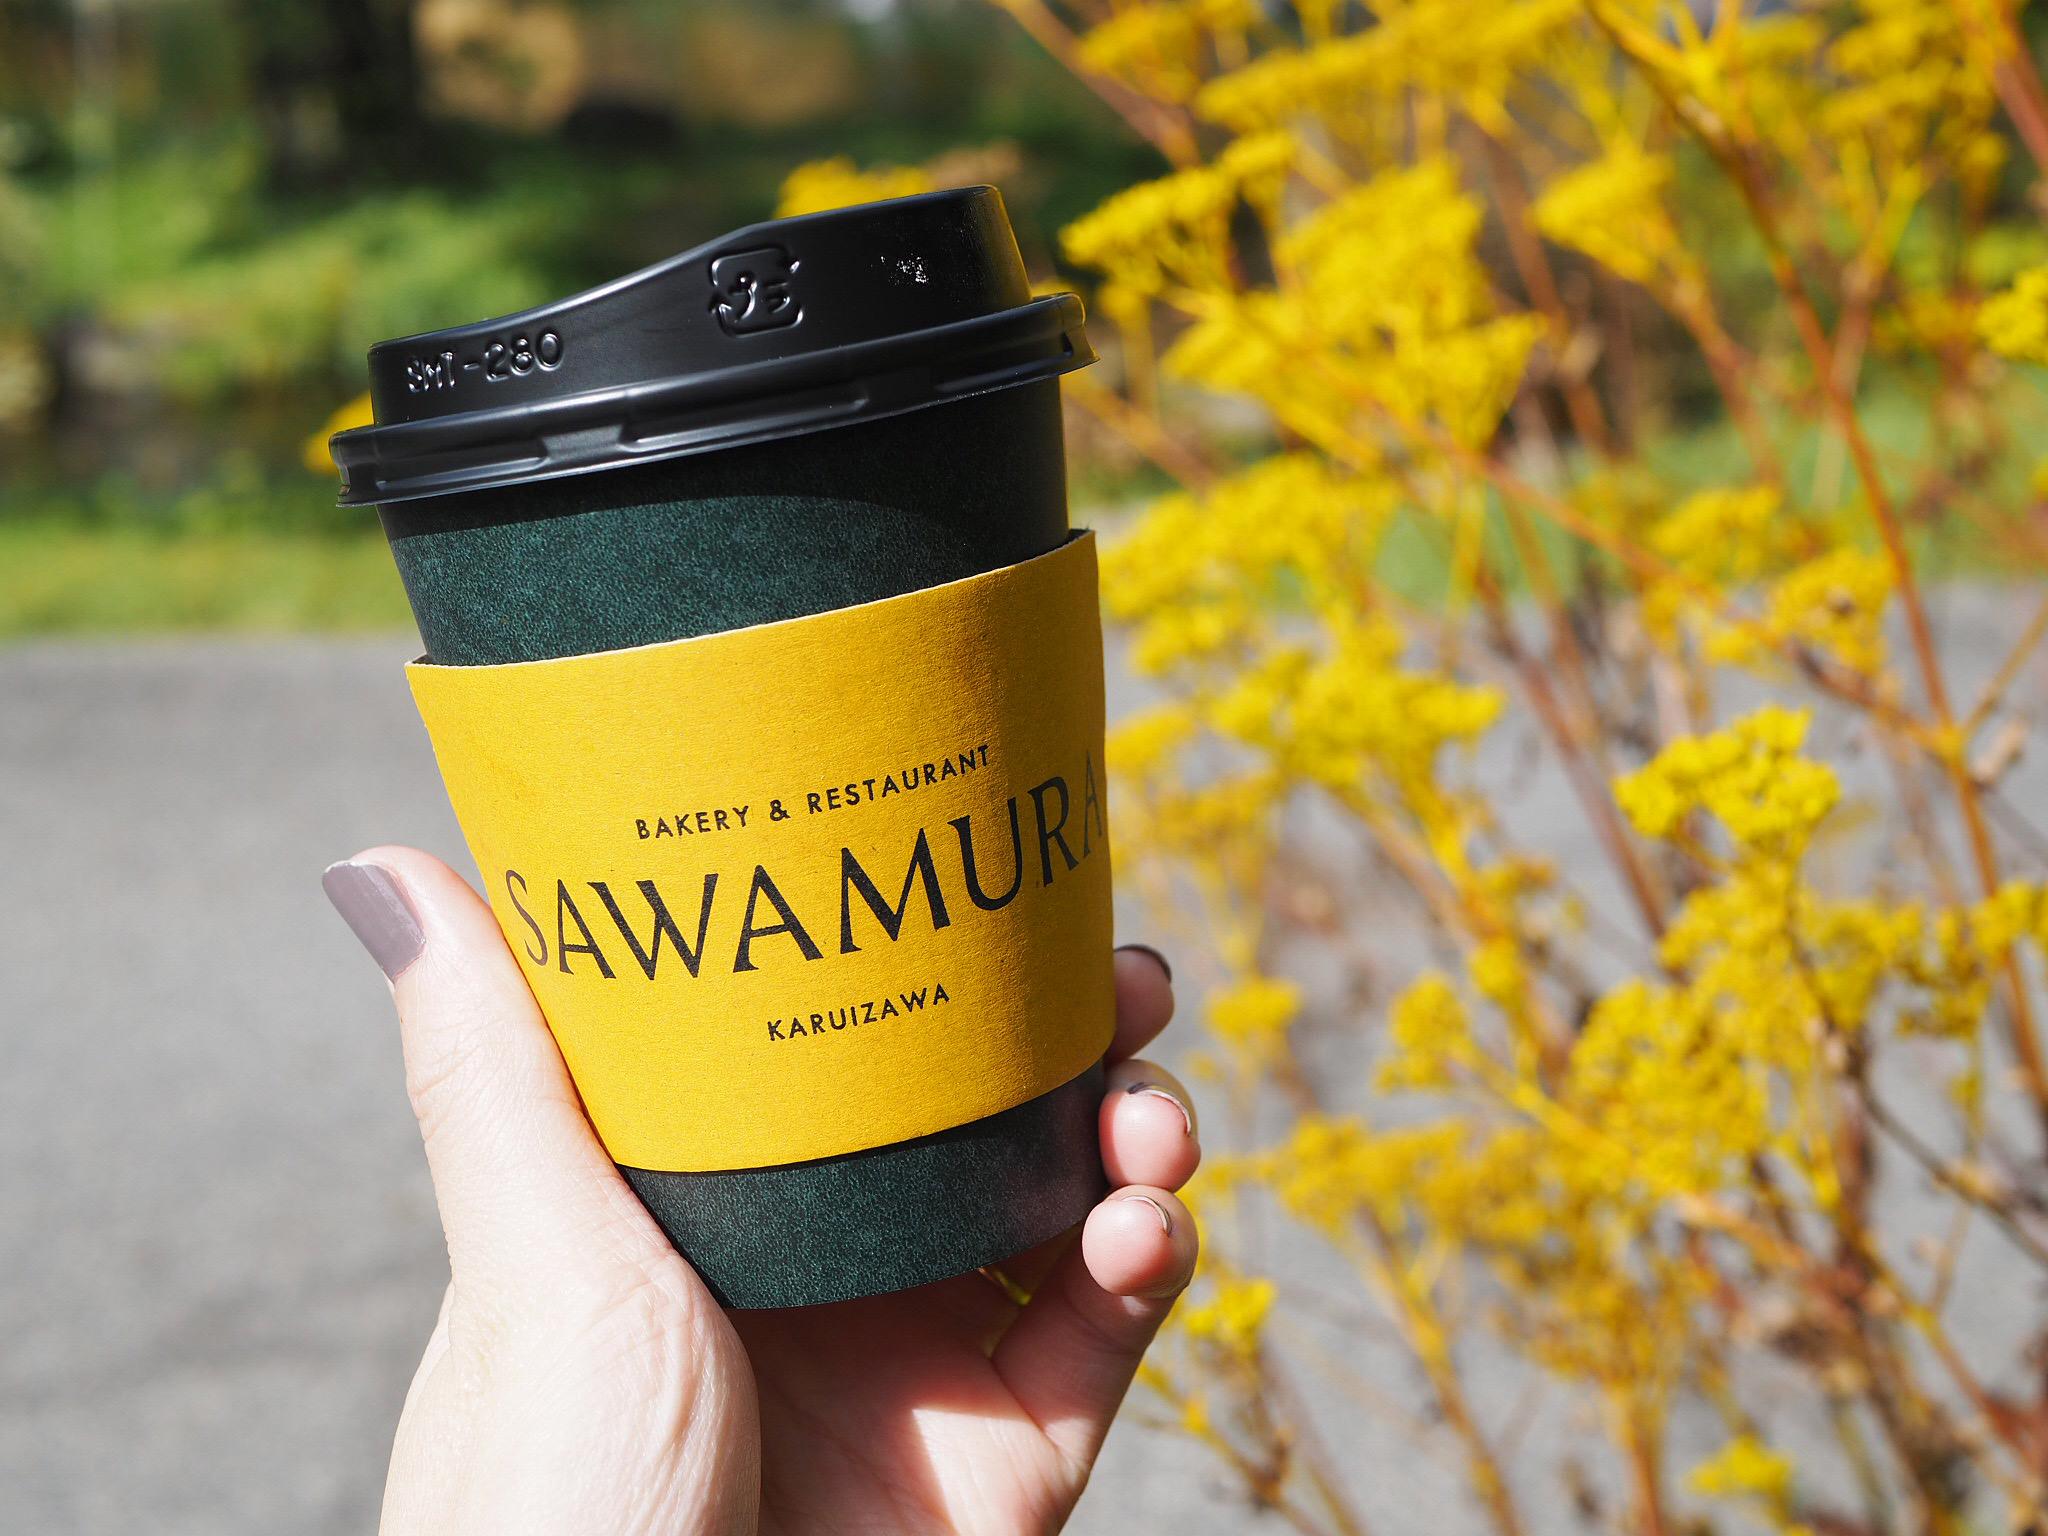 【軽井沢の朝食】は「沢村」のパンと珈琲がおすすめでした❁❁❁_10